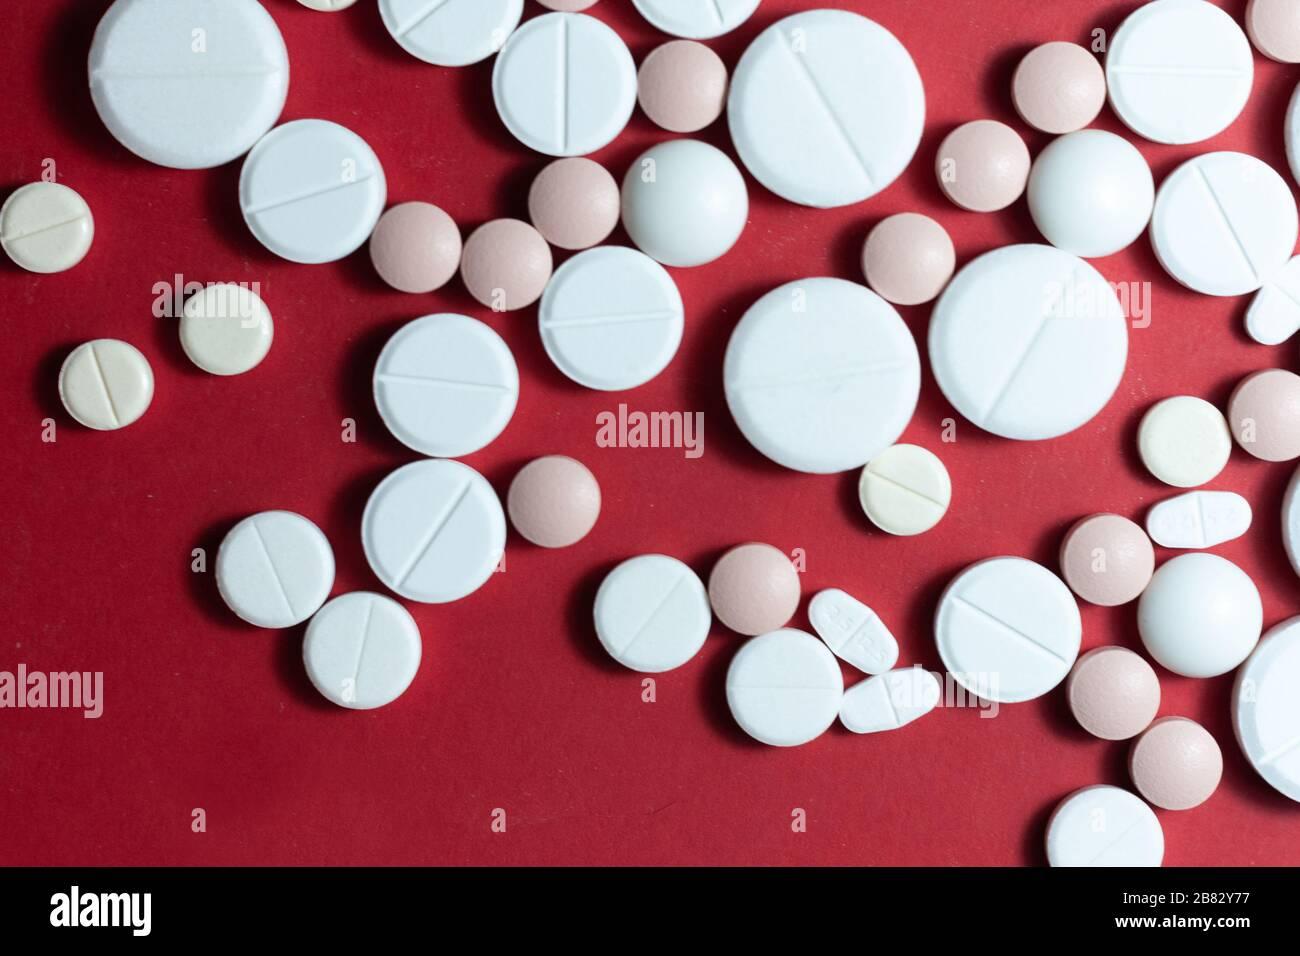 Haufen weißer Pillen, Tabletten, Kapseln auf rotem Hintergrund. Medikamentenverordnung für die Behandlung Medikation Gesundheitskonzept WTH-Kopierraum Stockfoto